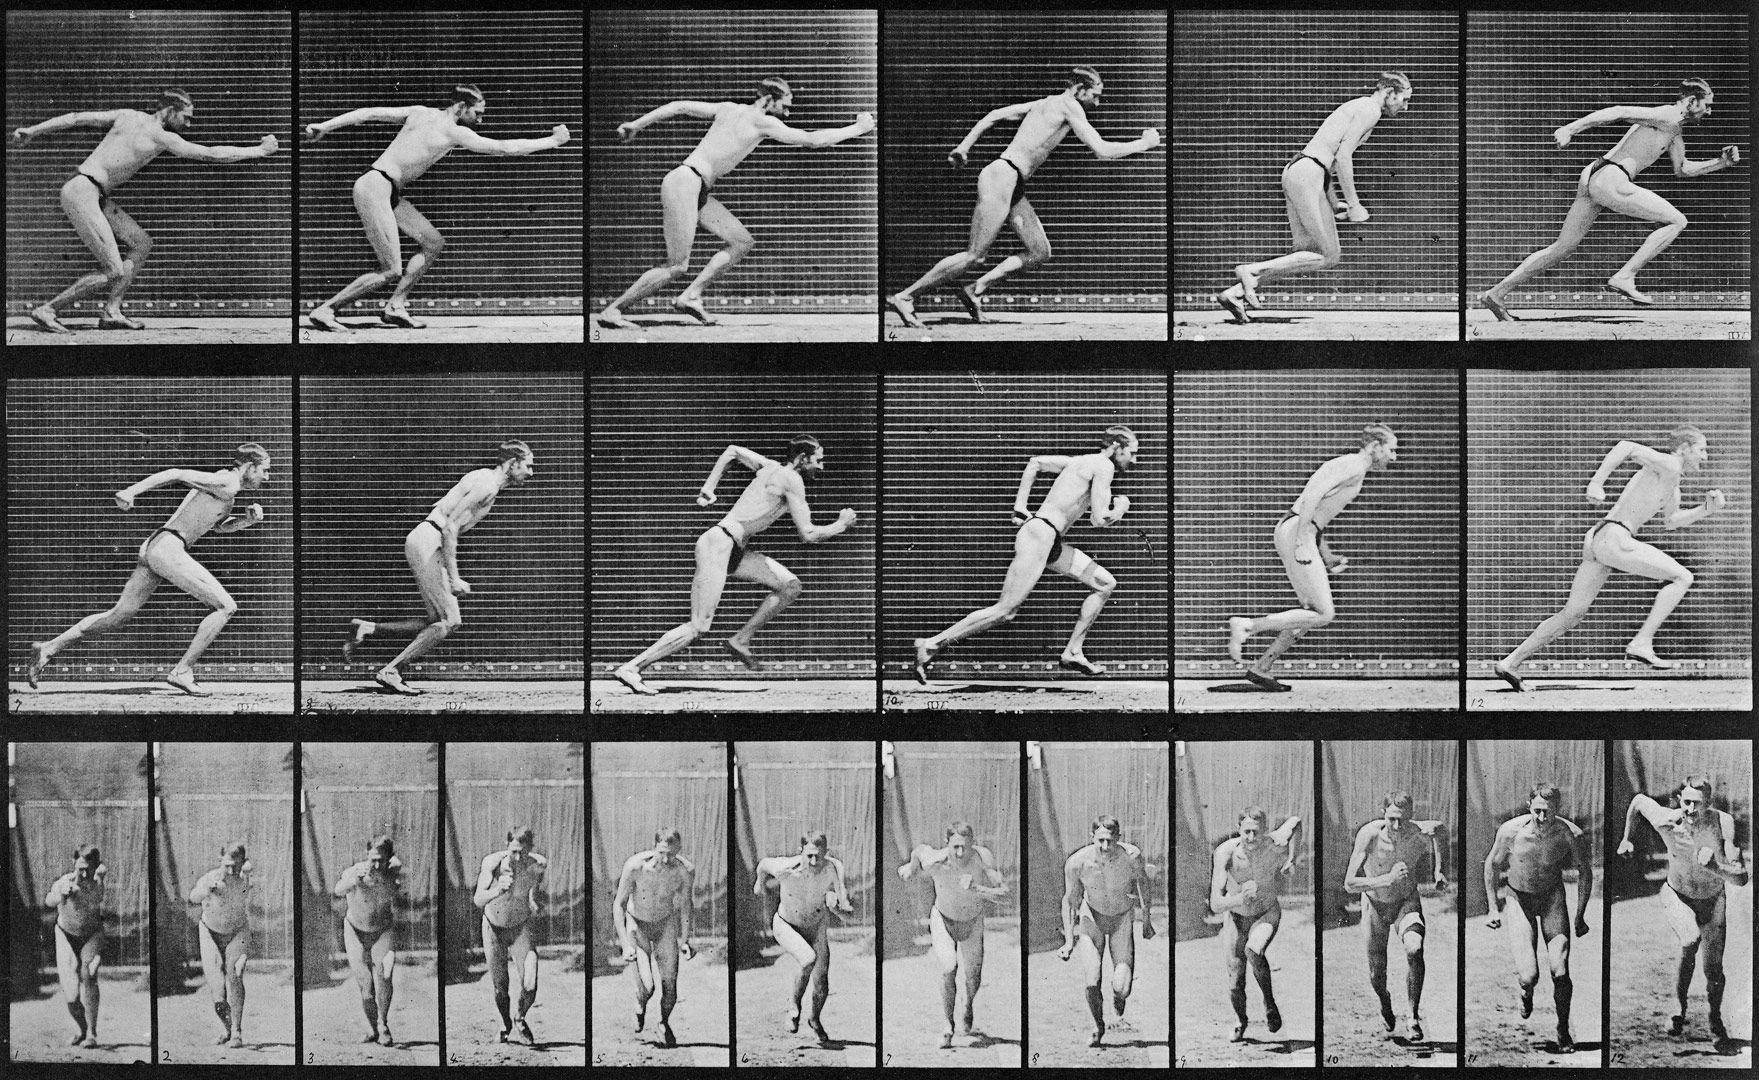 Beste Running Picture Frame Ideen - Benutzerdefinierte Bilderrahmen ...